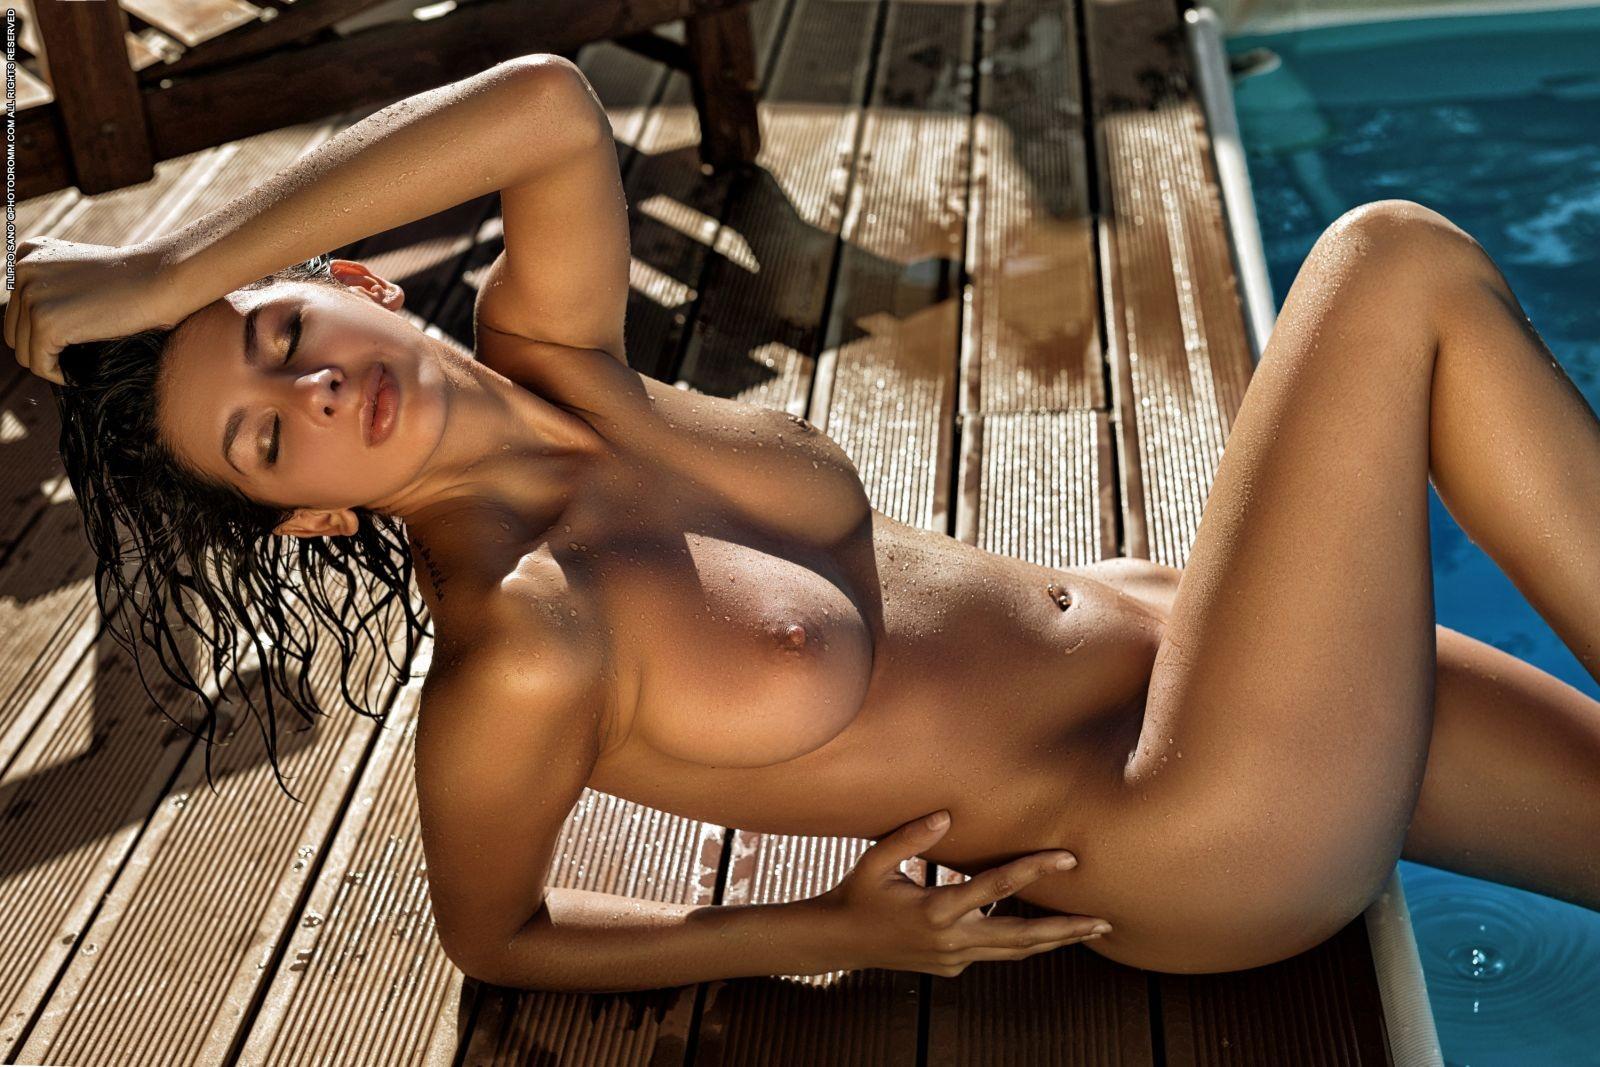 Грудастая брюнетка в бассейне - фото